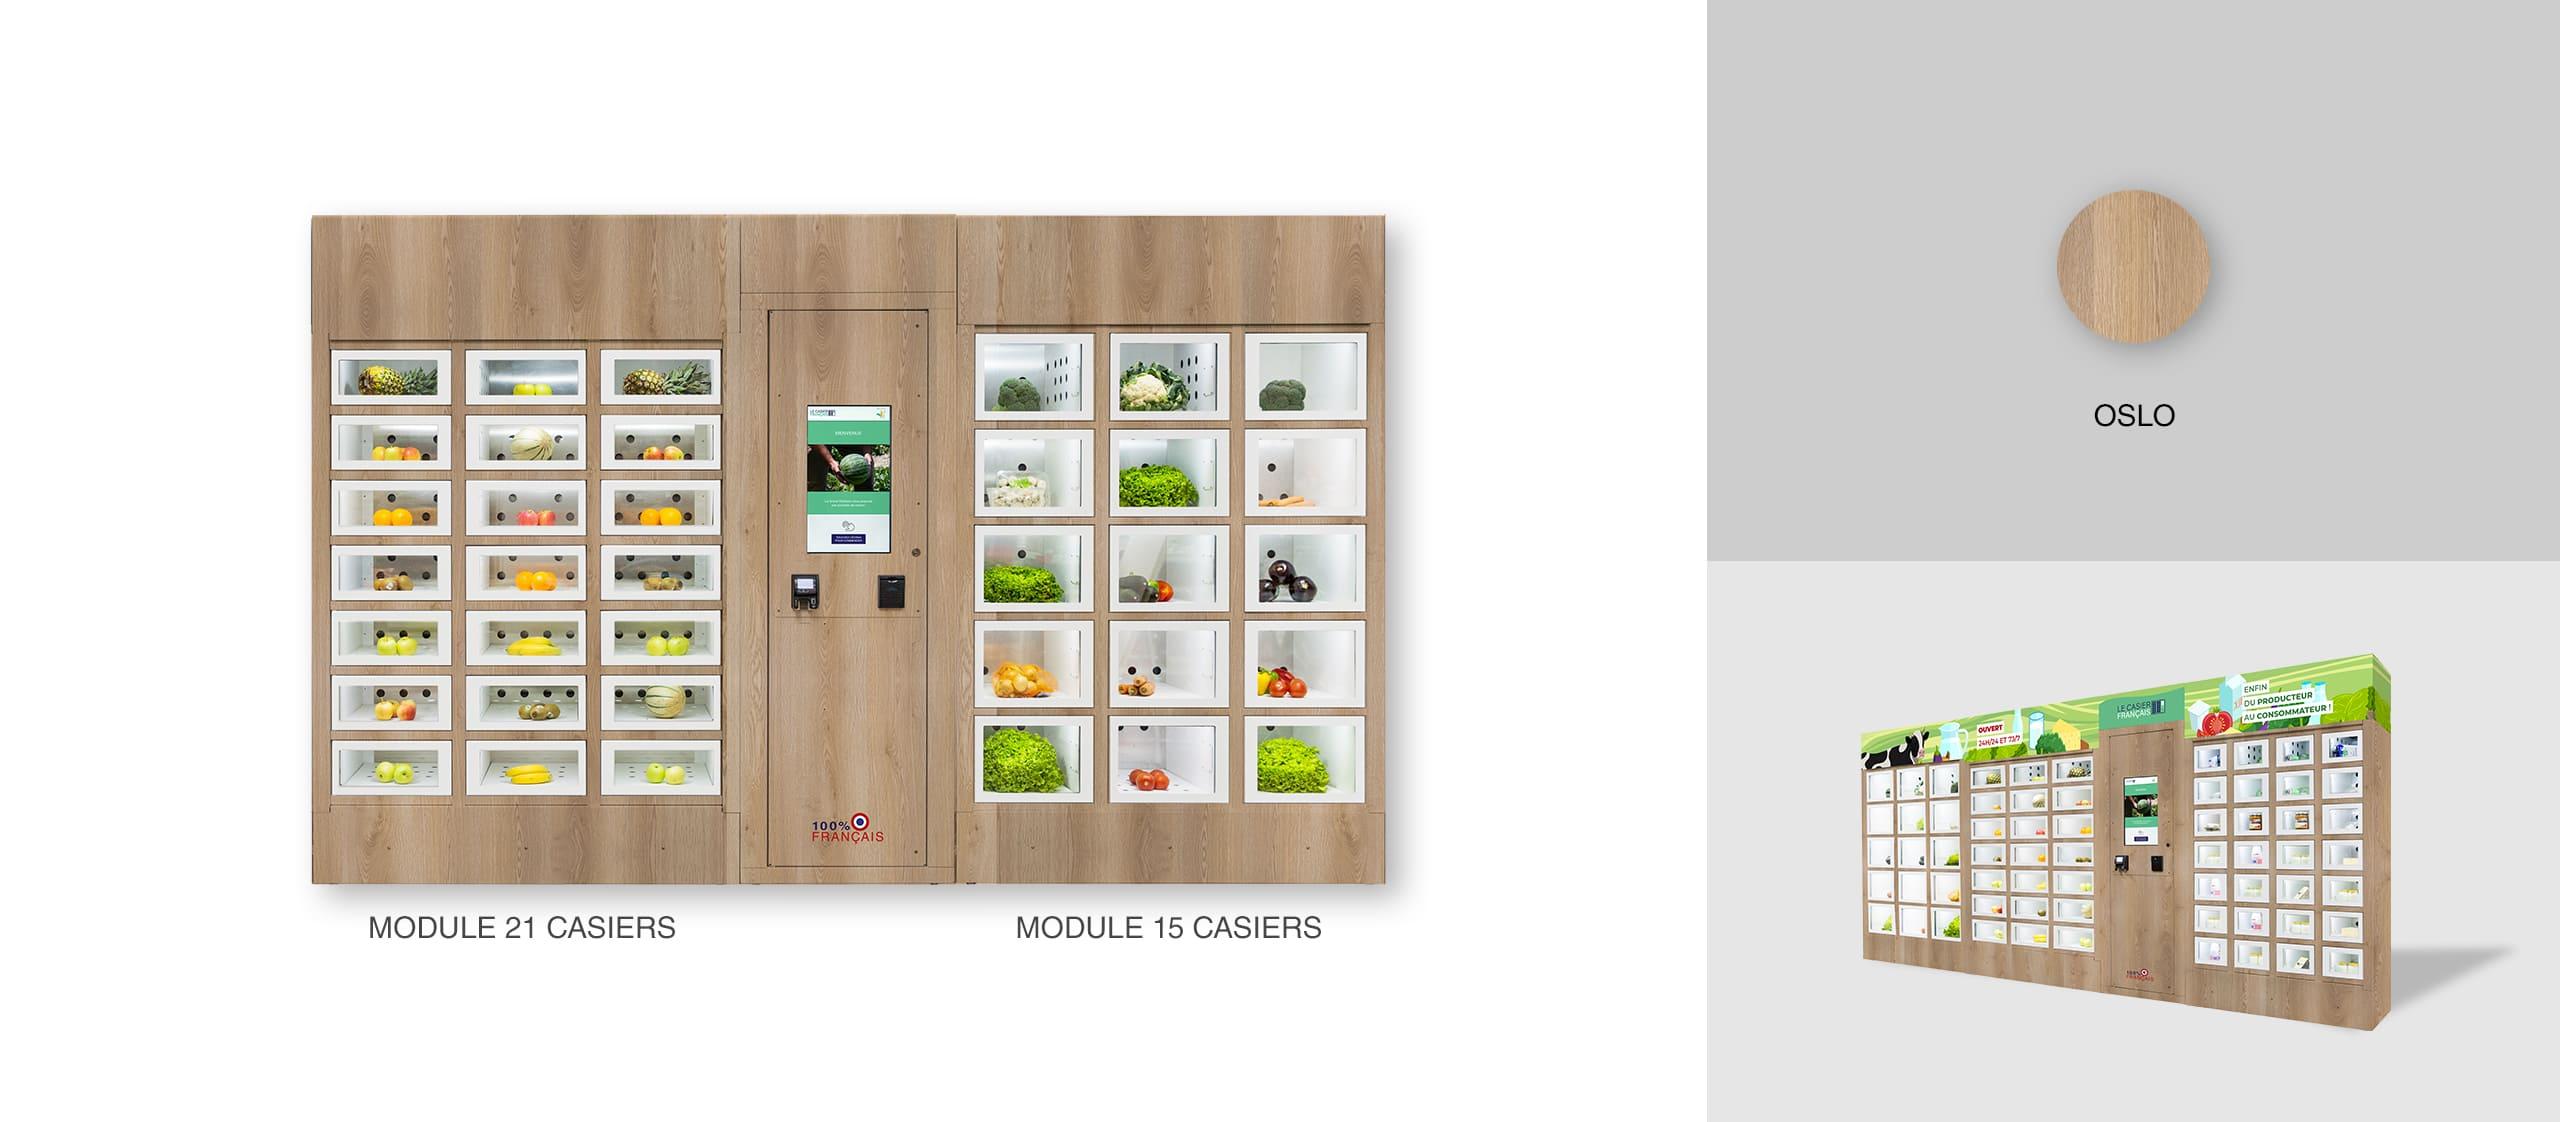 Habillage Oslo d'un distributeur automatique Le Casier Français